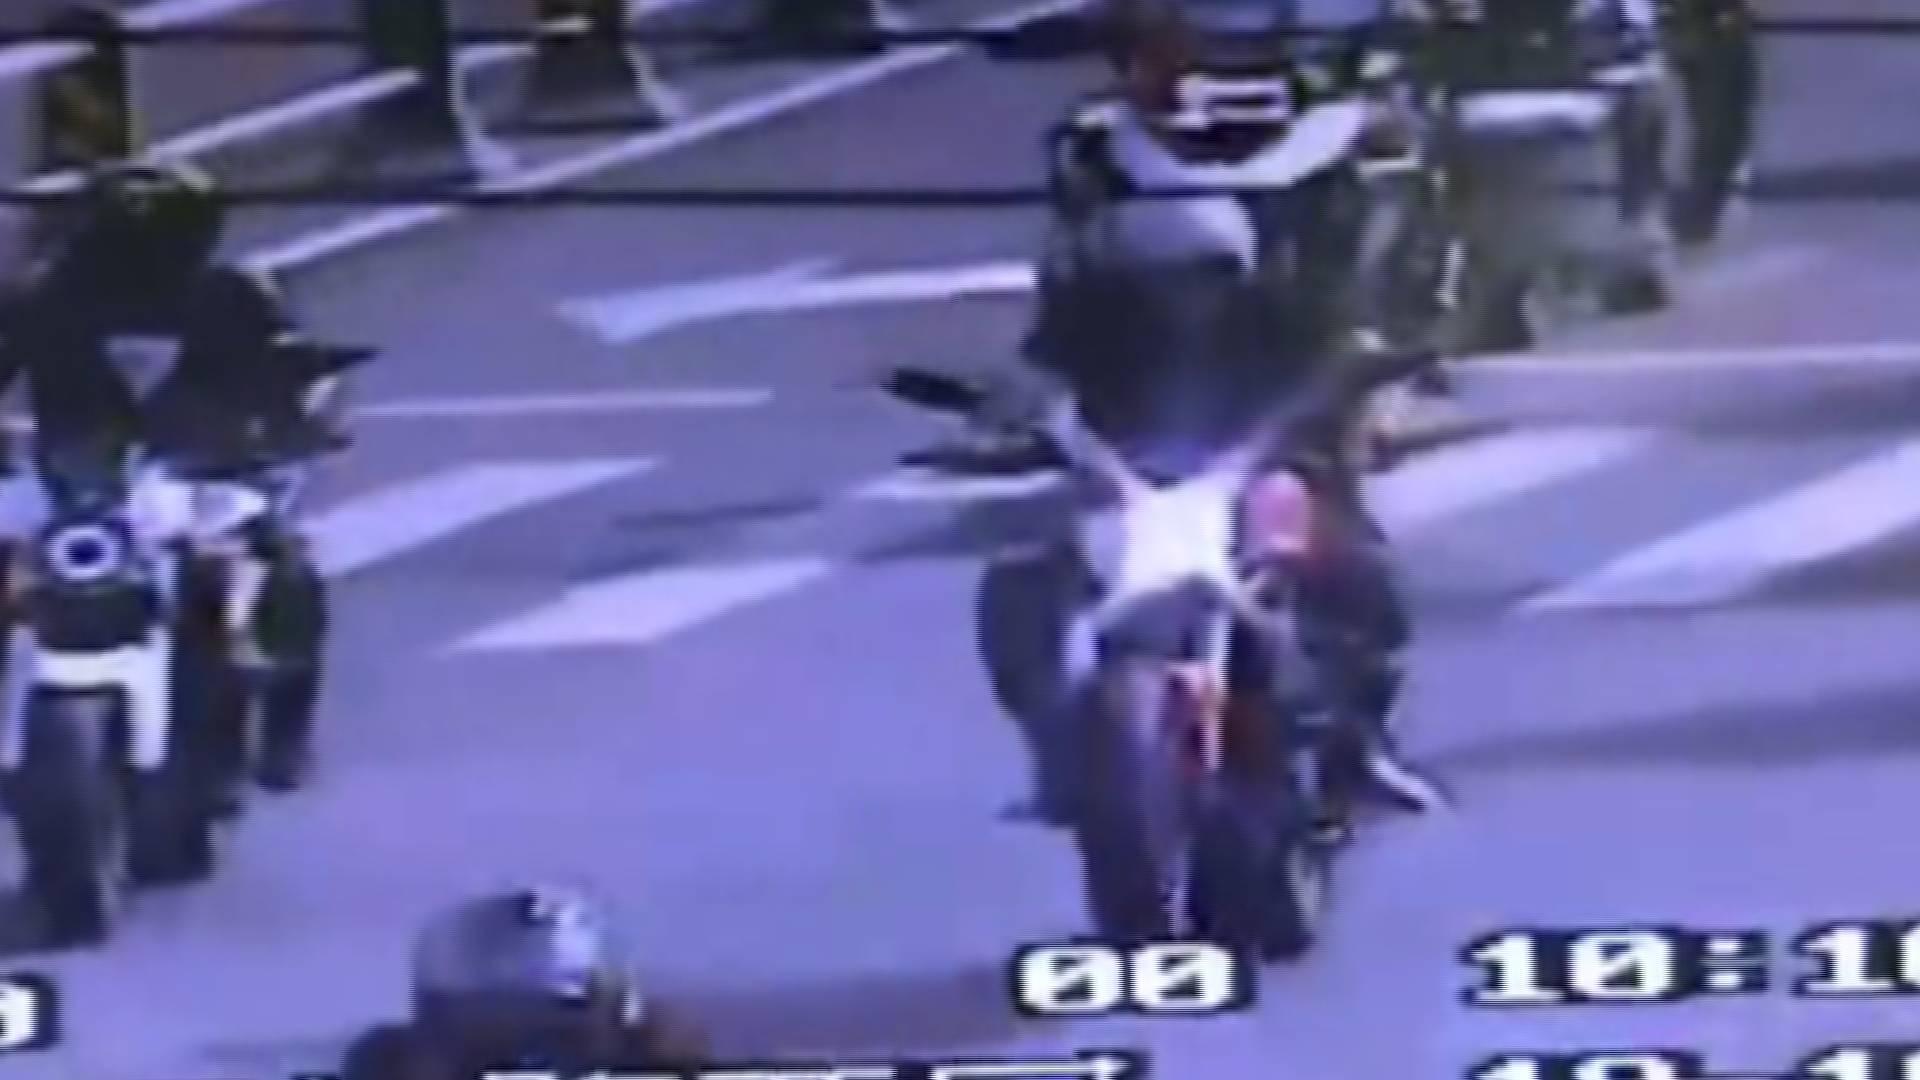 62秒 16辆摩托车济南经十路炫车技啥感觉? 罚款扣分+拘留!